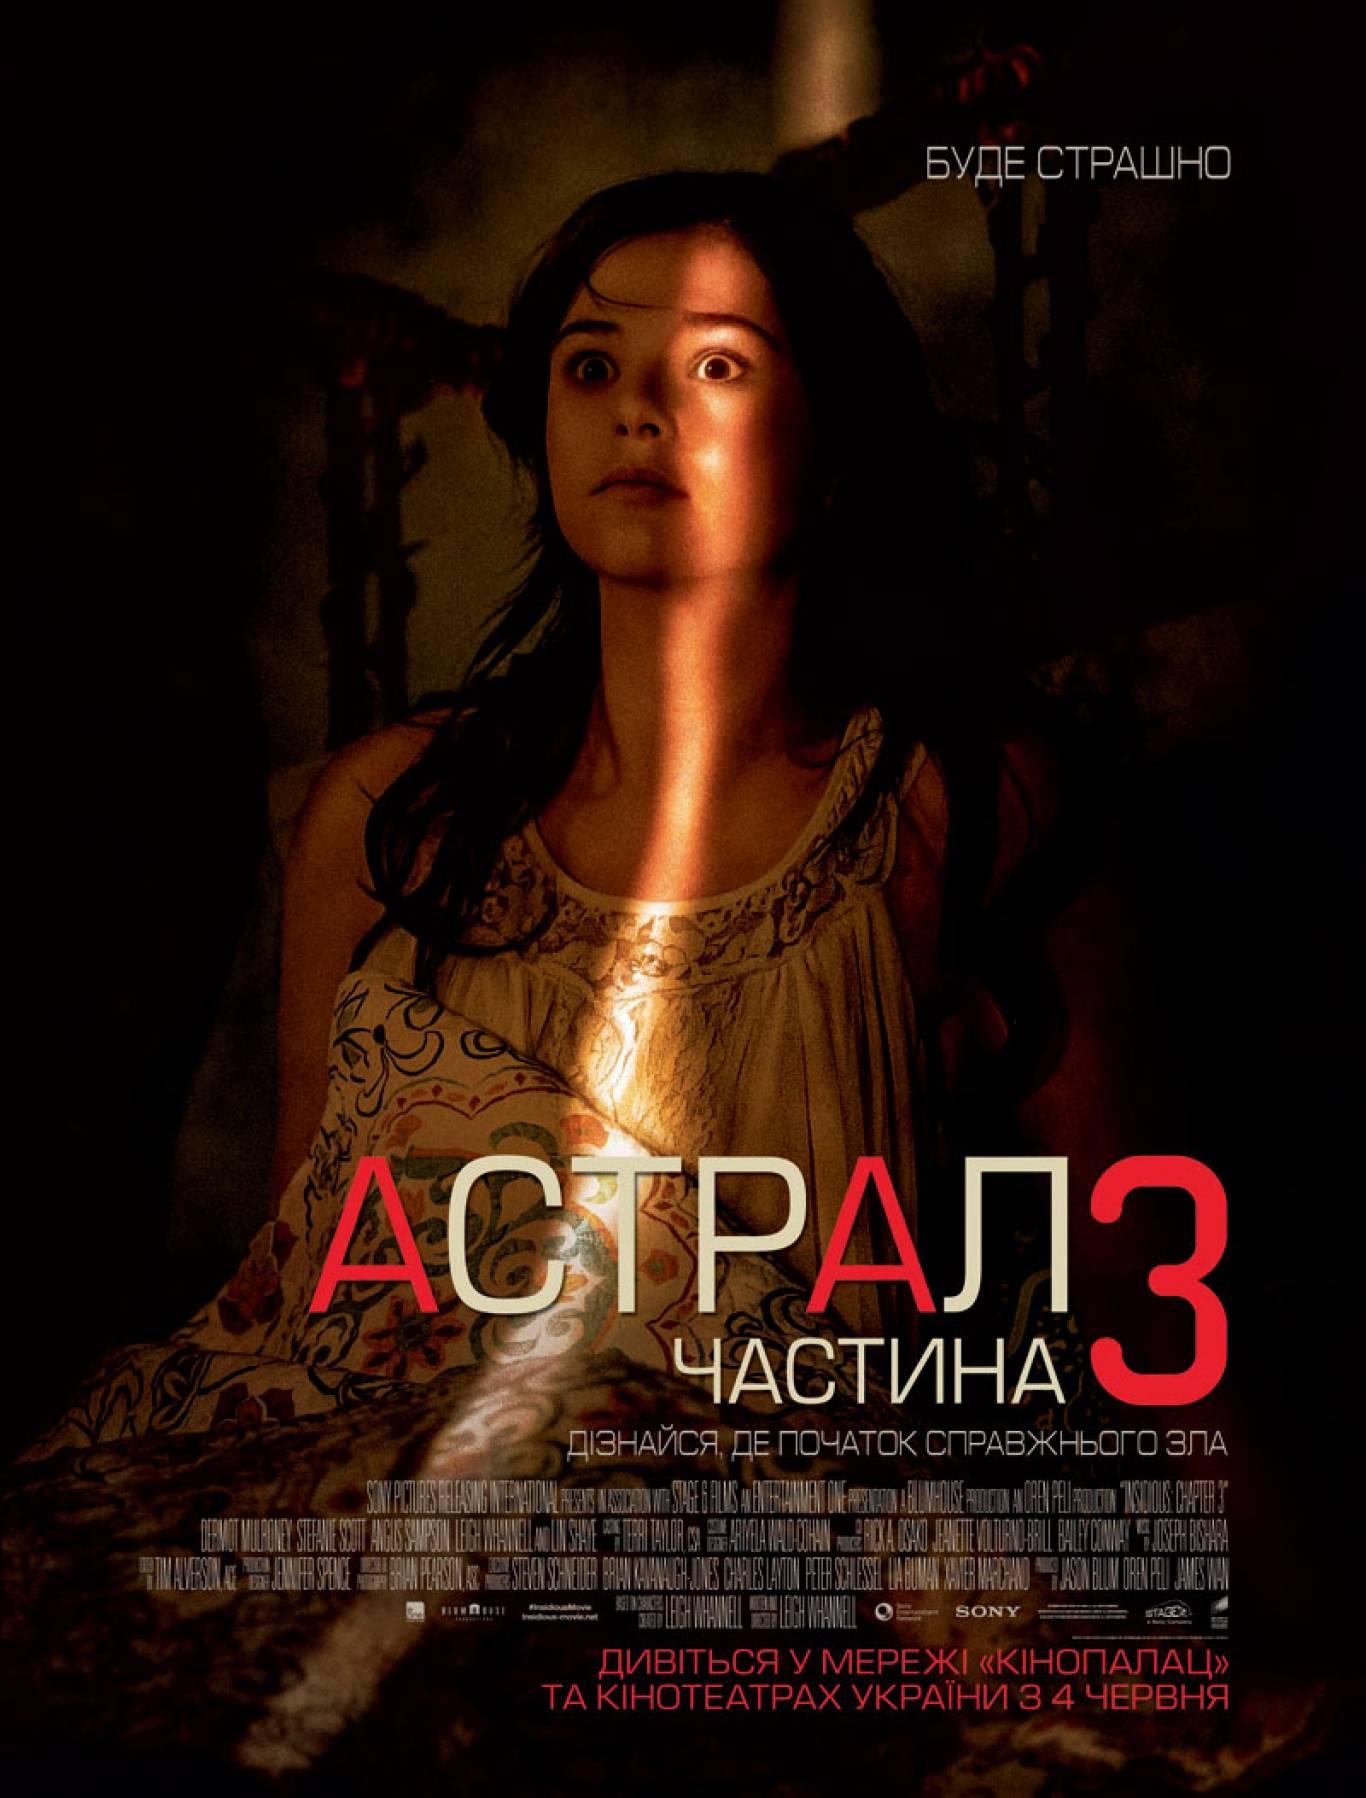 Давноочікувана прем'єра третьої частини фільму жахів «Астрал 3»